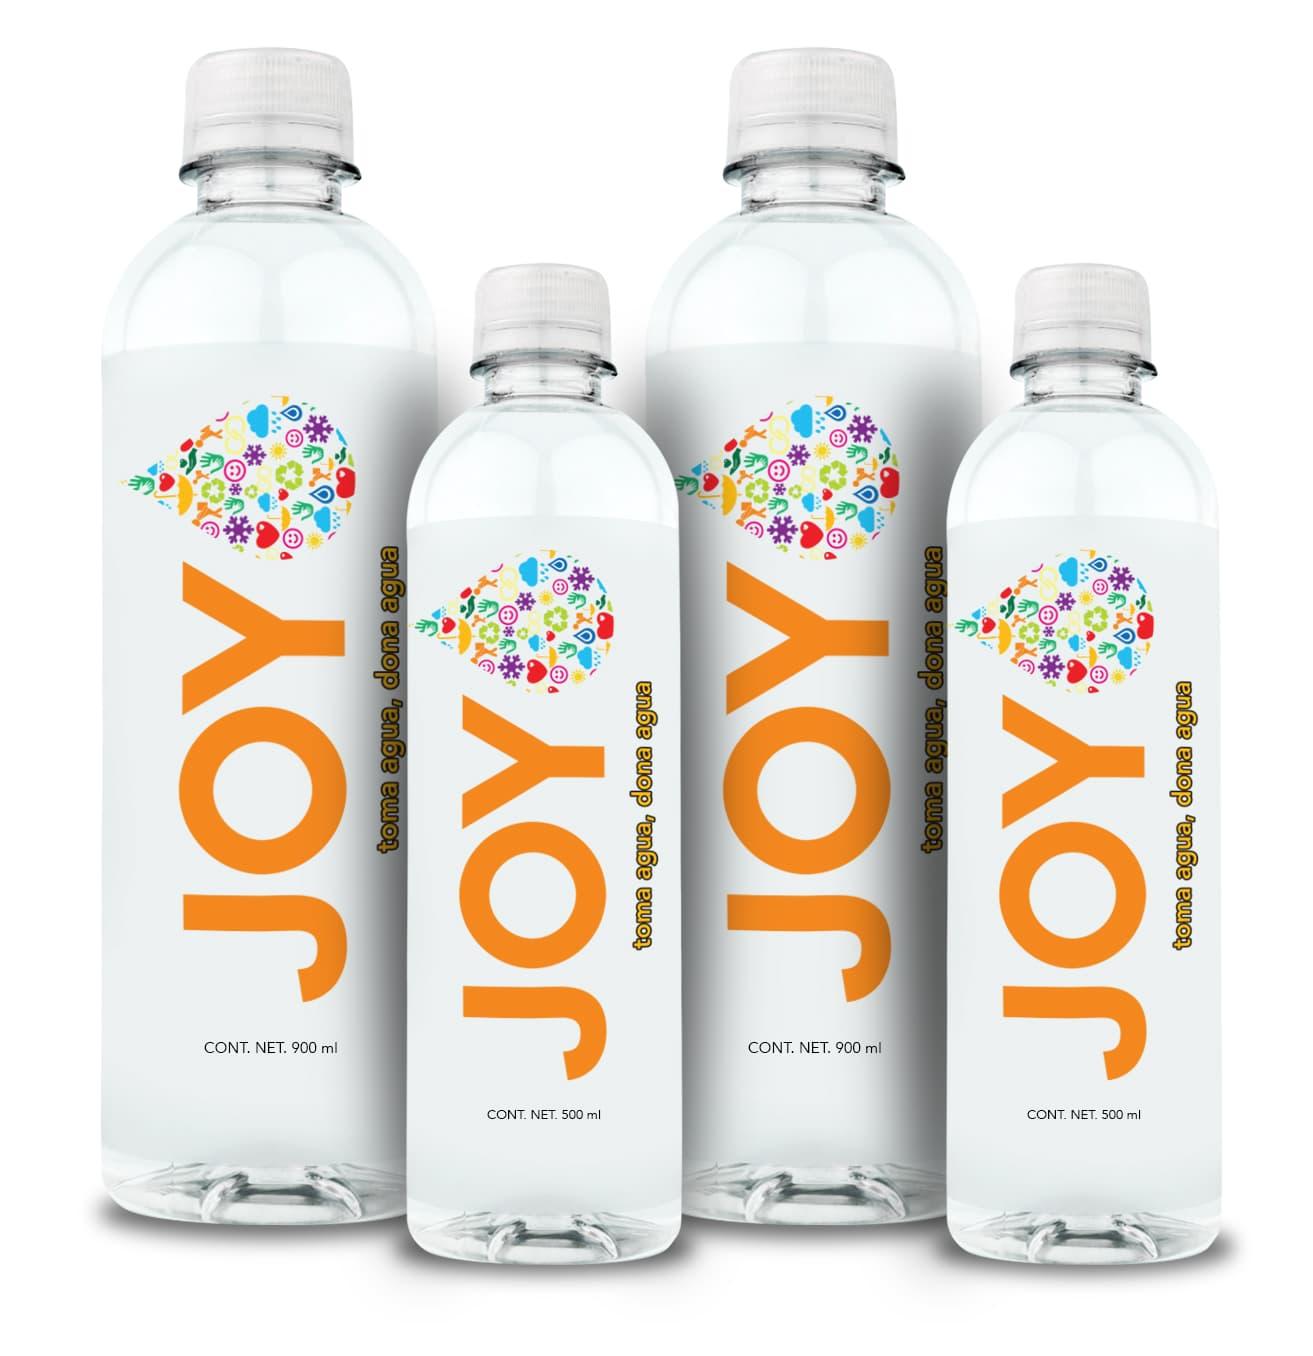 procedencia de nuestra agua alcalina envases reciclados y de vidrio